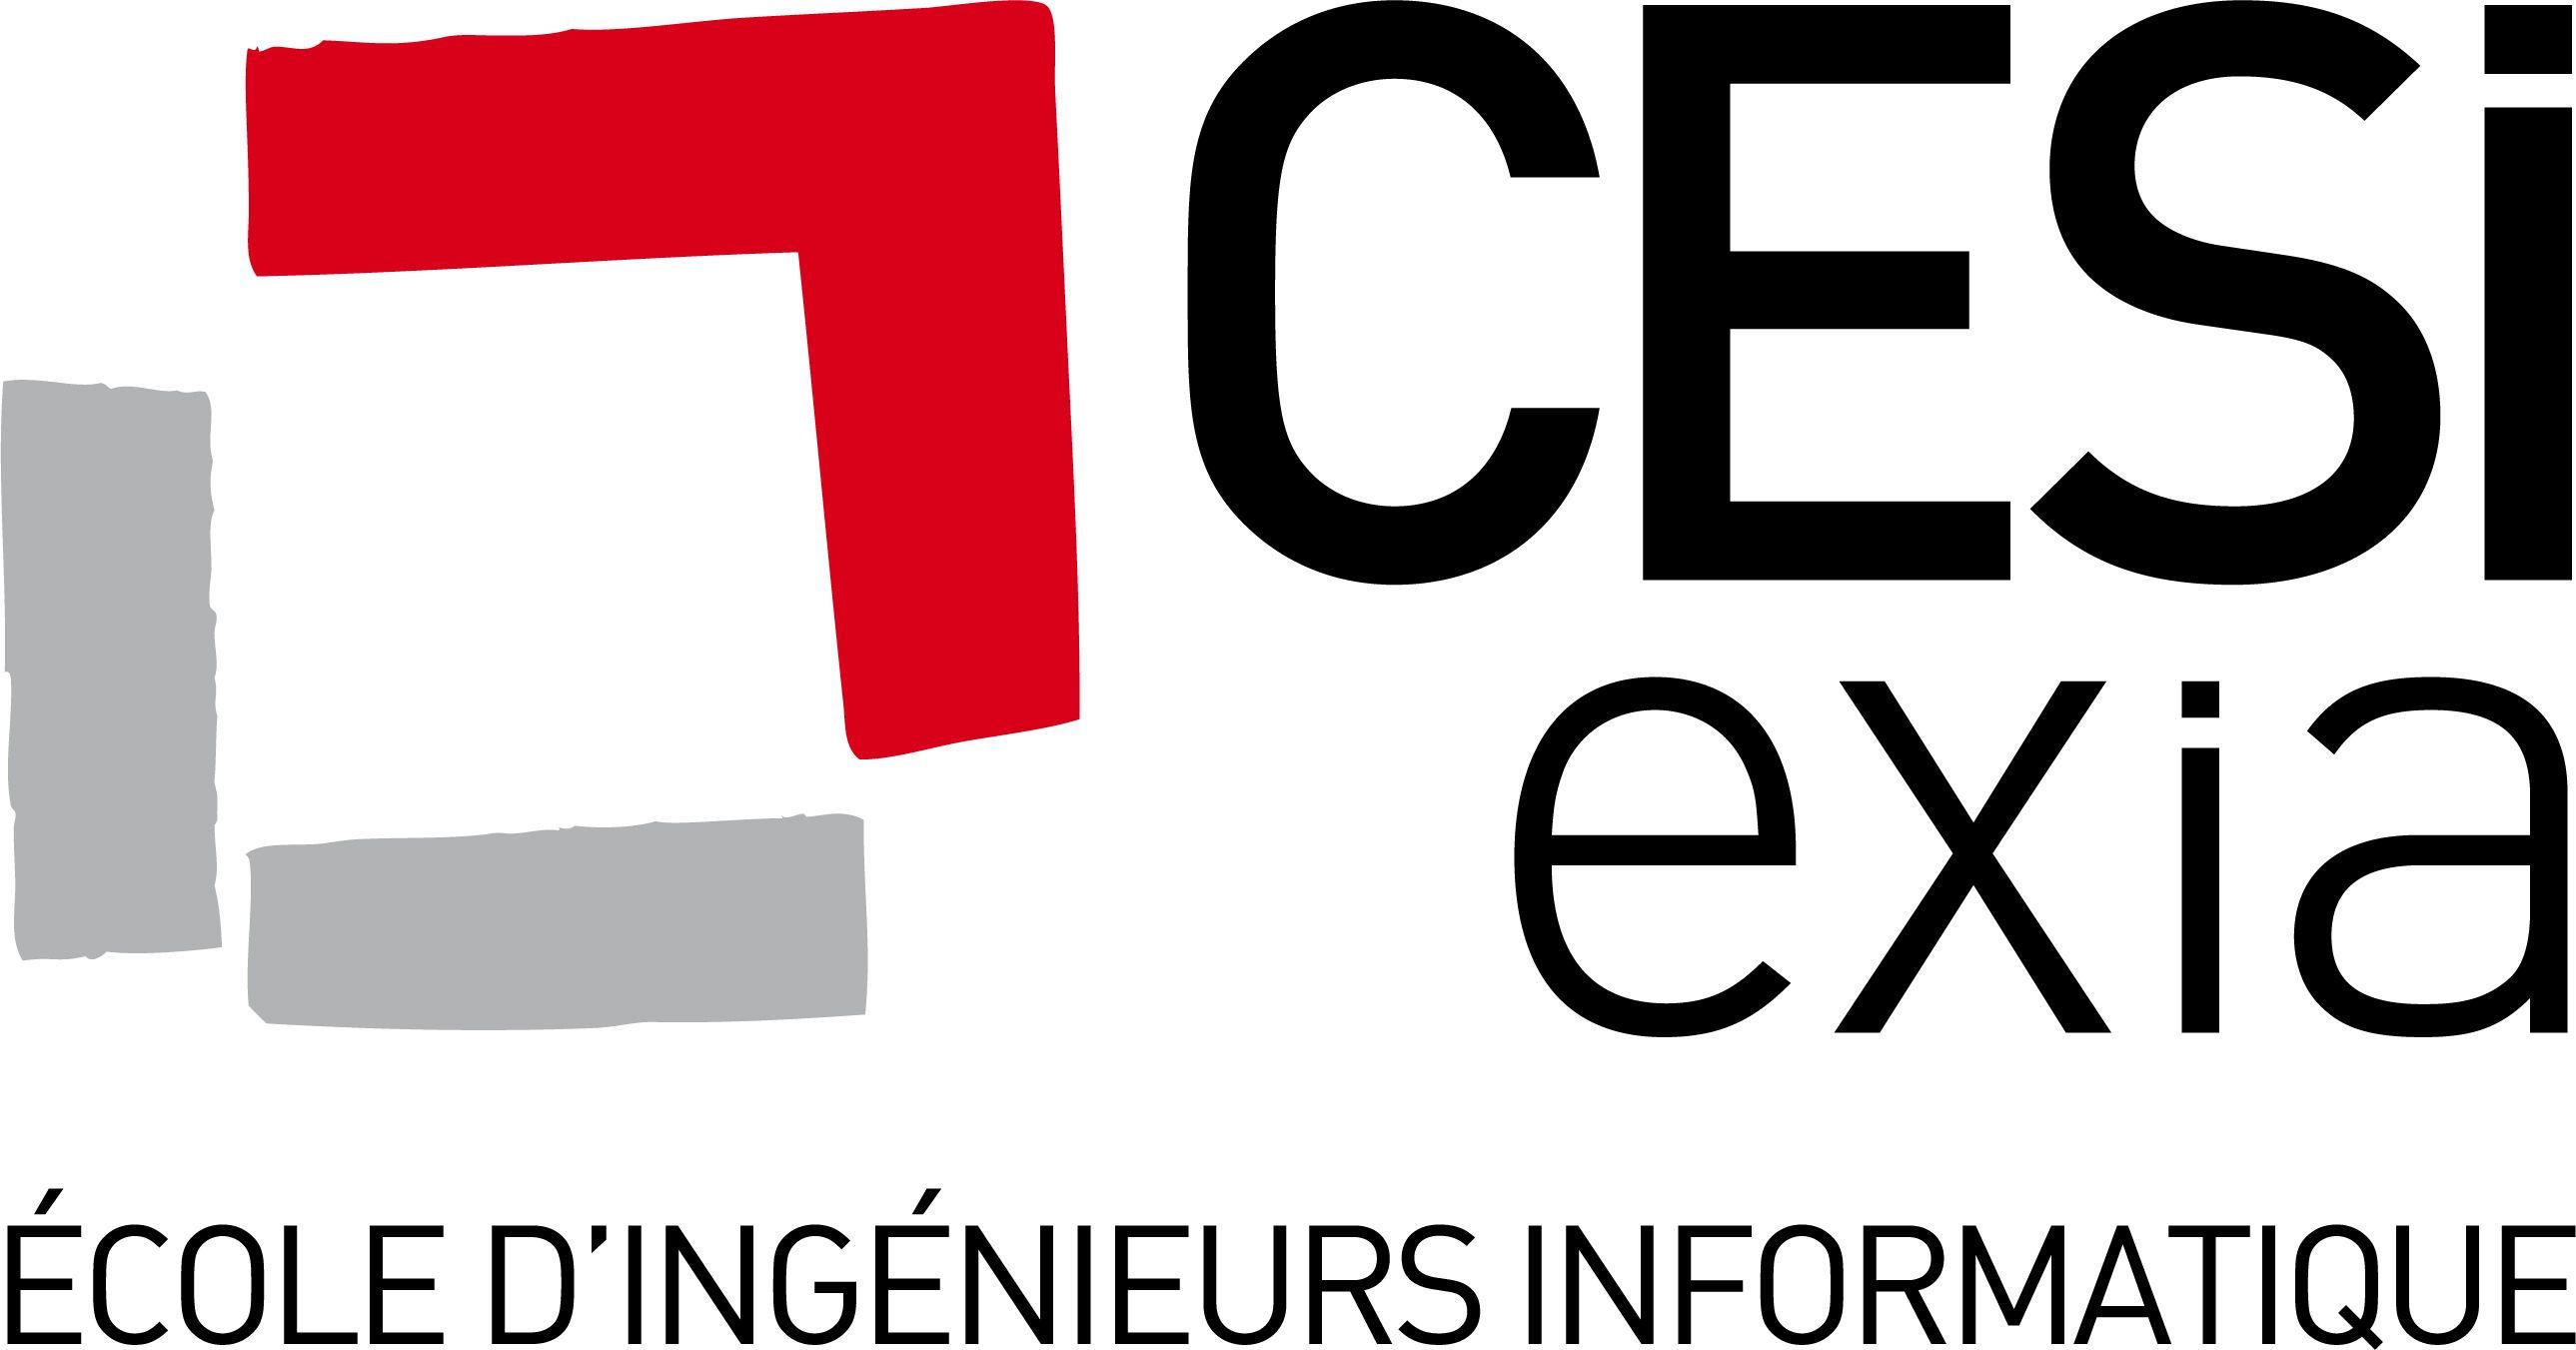 Exia.cesi, Ecole Ingénieurs spécialité Informatique